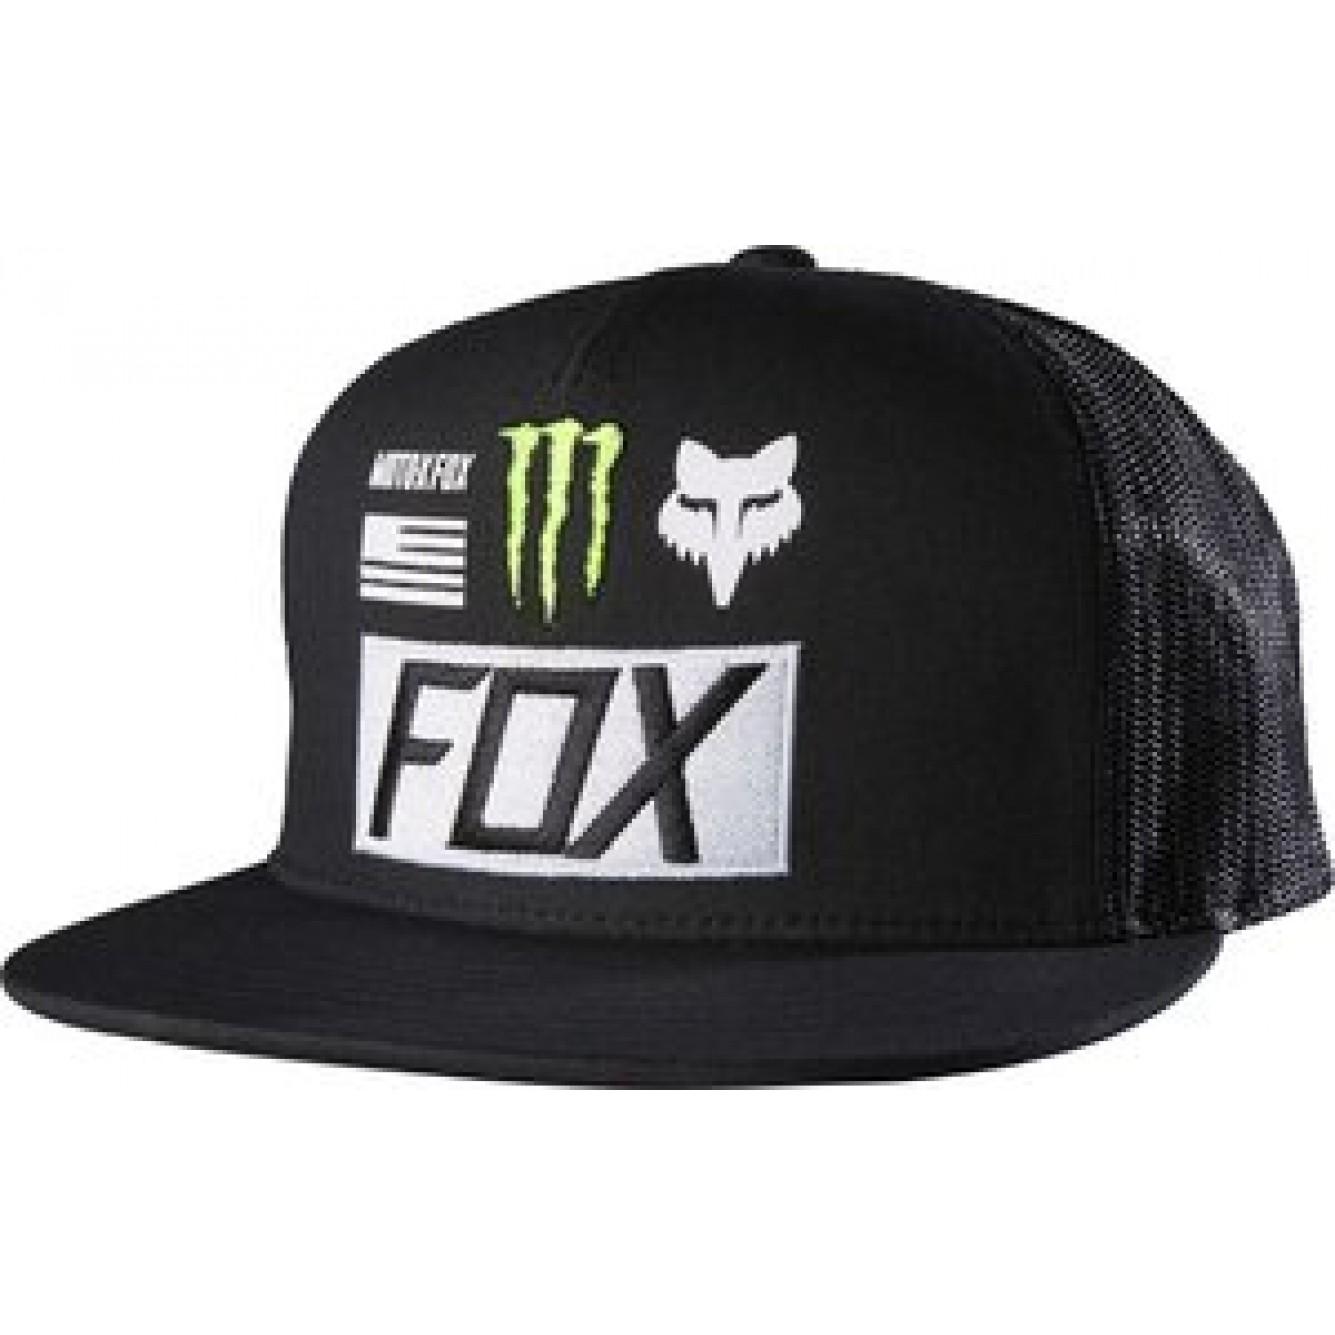 fcb80d12462 Fox